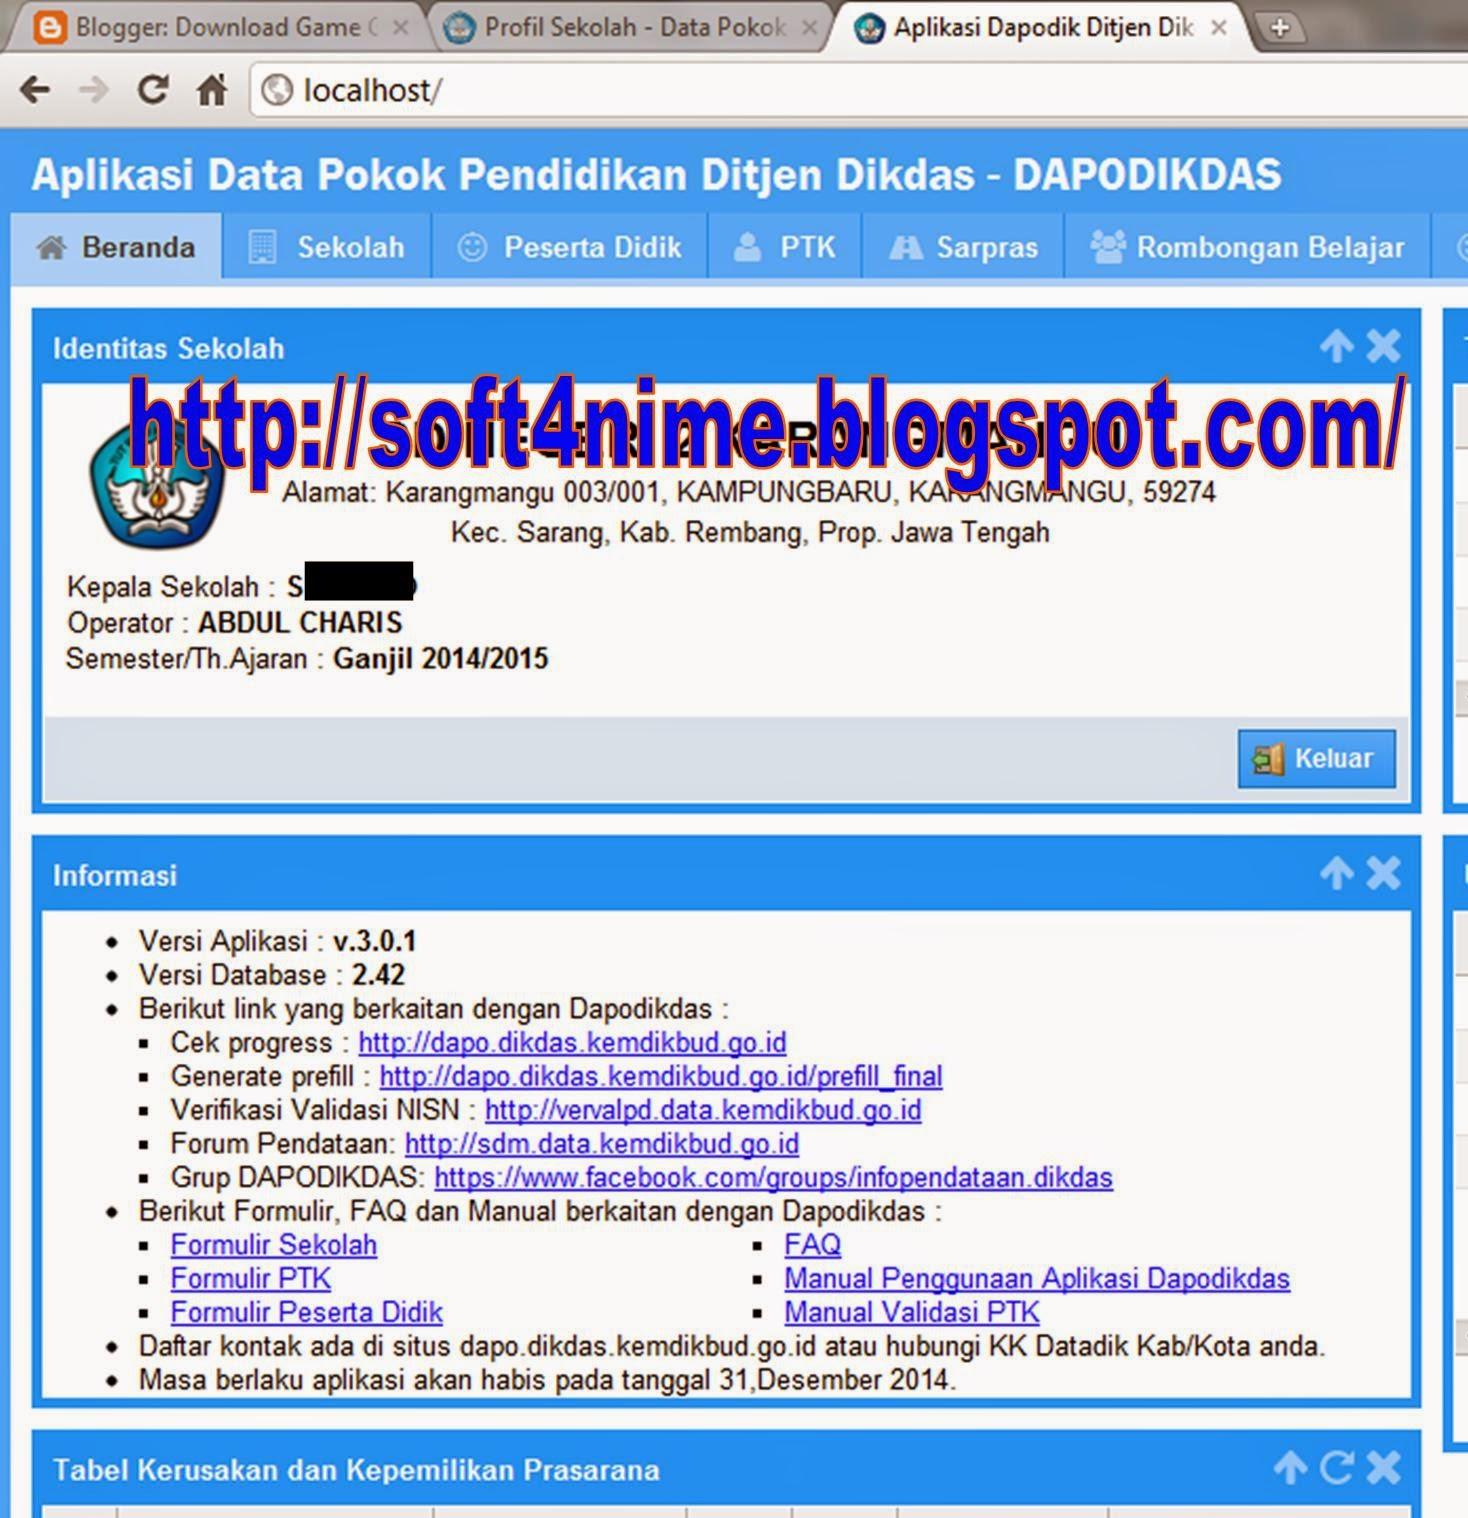 Download Aplikasi Dapodik 3.0.1 Terbaru 2014/2015